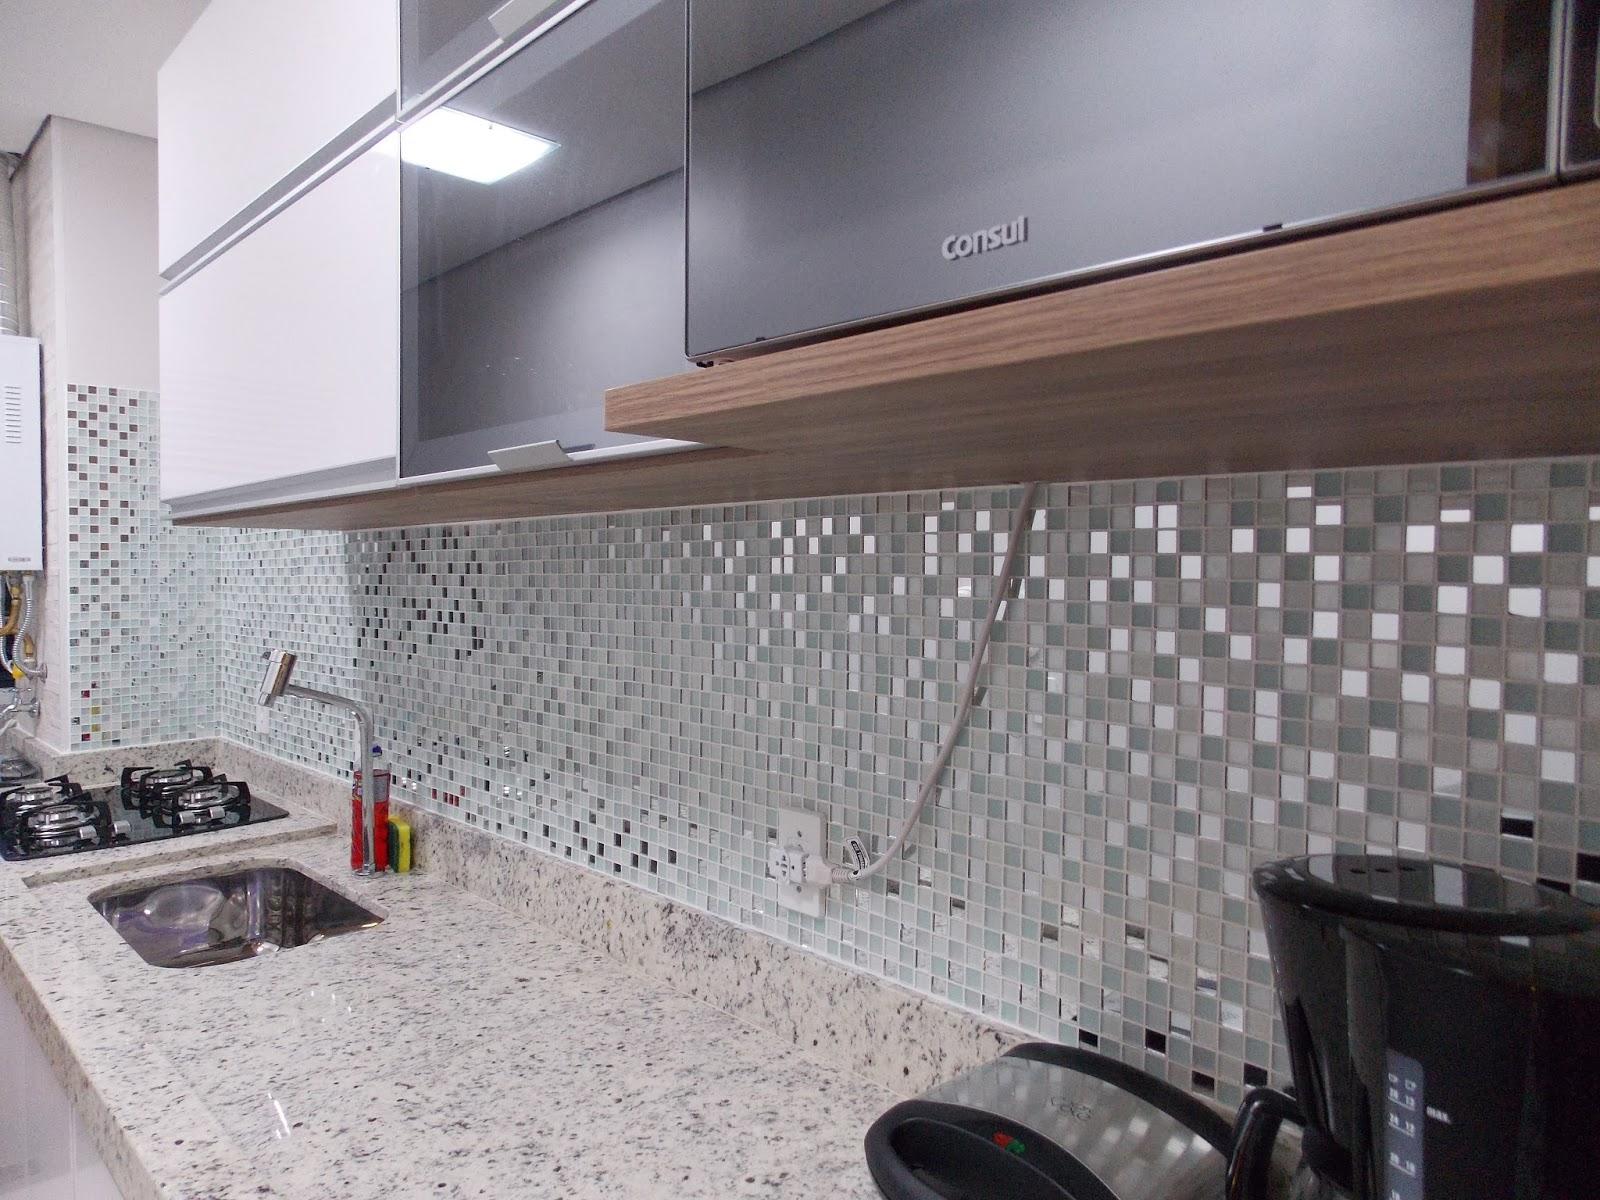 Pastilhas para usar na cozinha Comprando Meu Apê #735D50 1600x1200 Banheiro Com Pastilhas De Vidro Bege